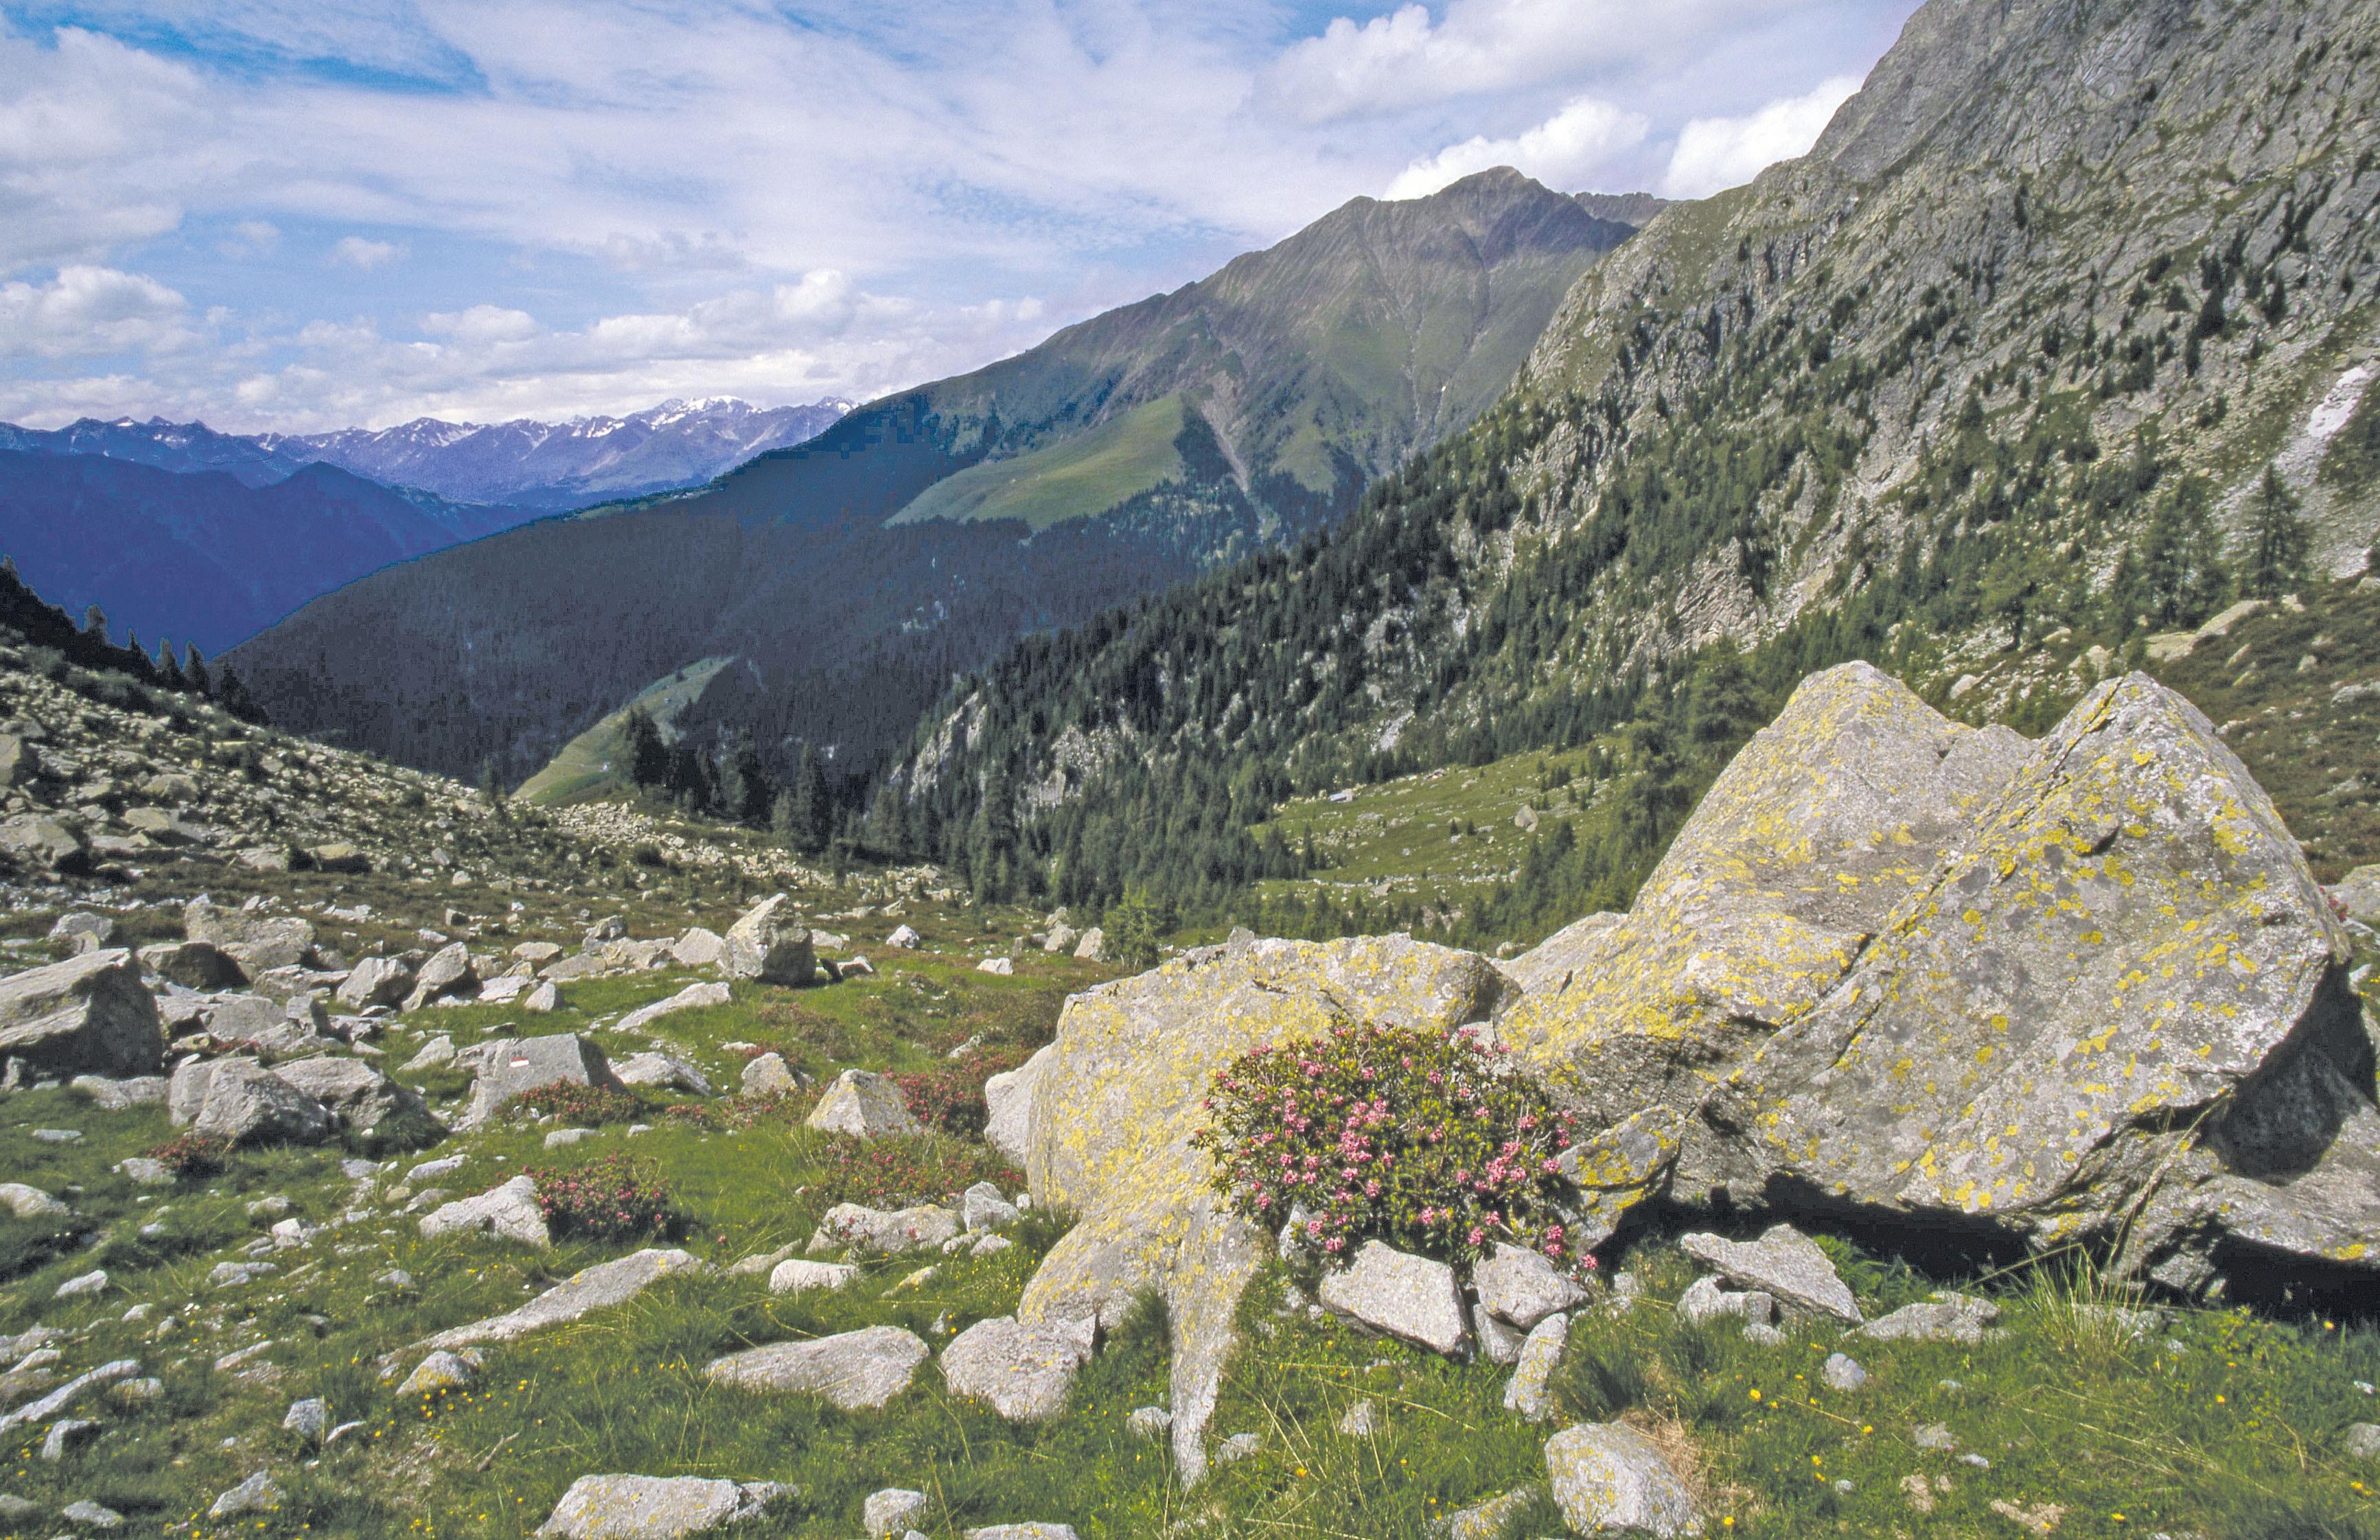 Klettersteig Ifinger : Großer ifinger m bergwanderung klettersteig u hotel leuchtenburg